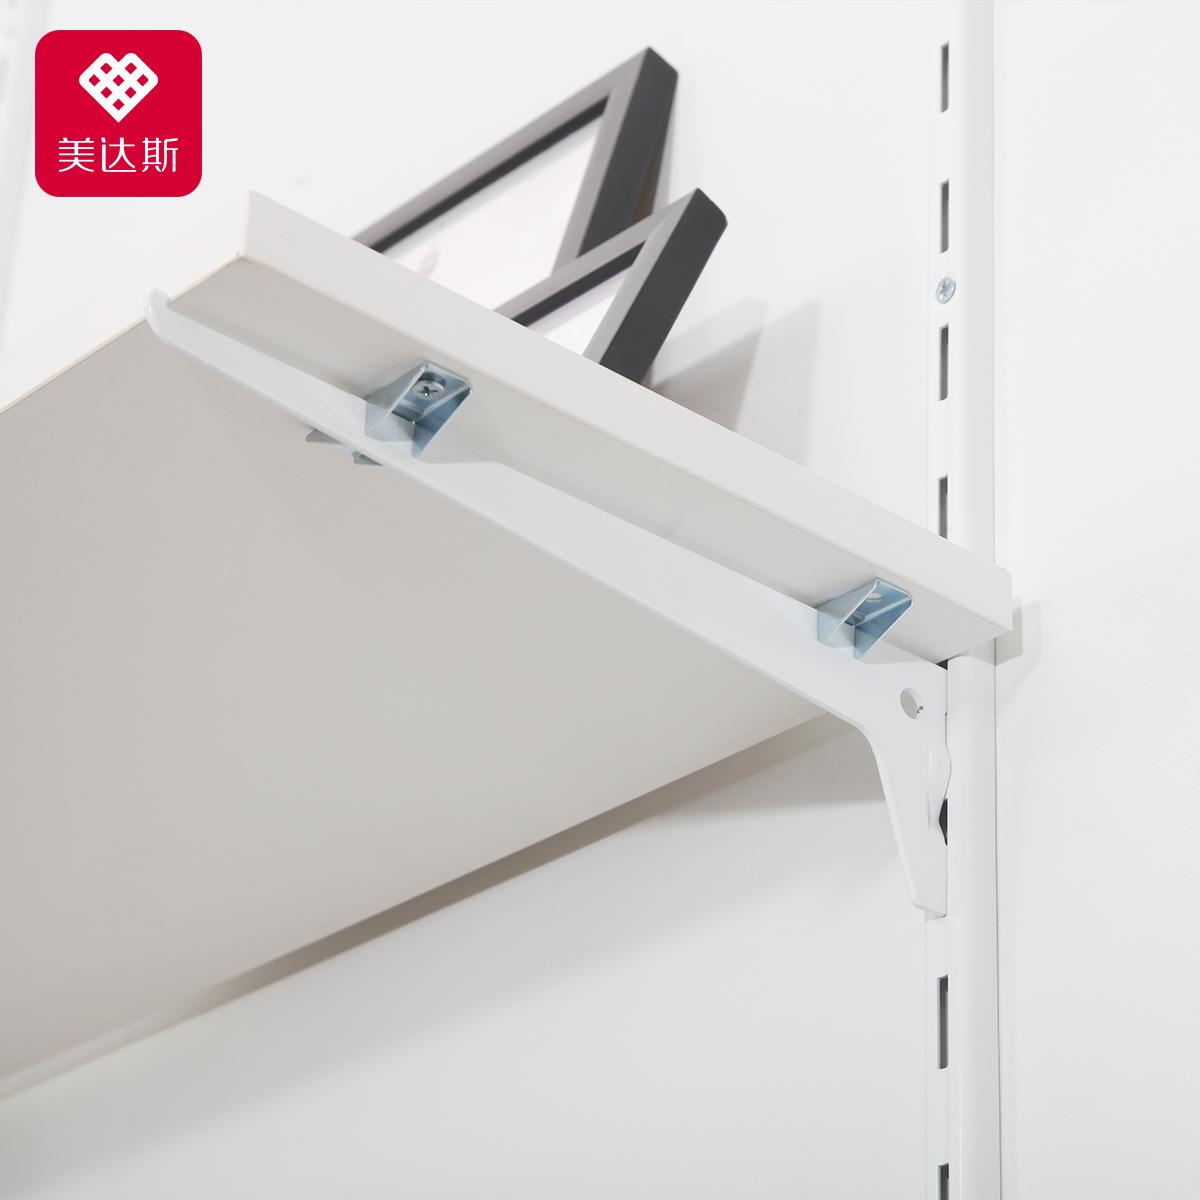 美达斯两钩墙轨专用支架墙面托架置物架配件金属三角架支架木板架